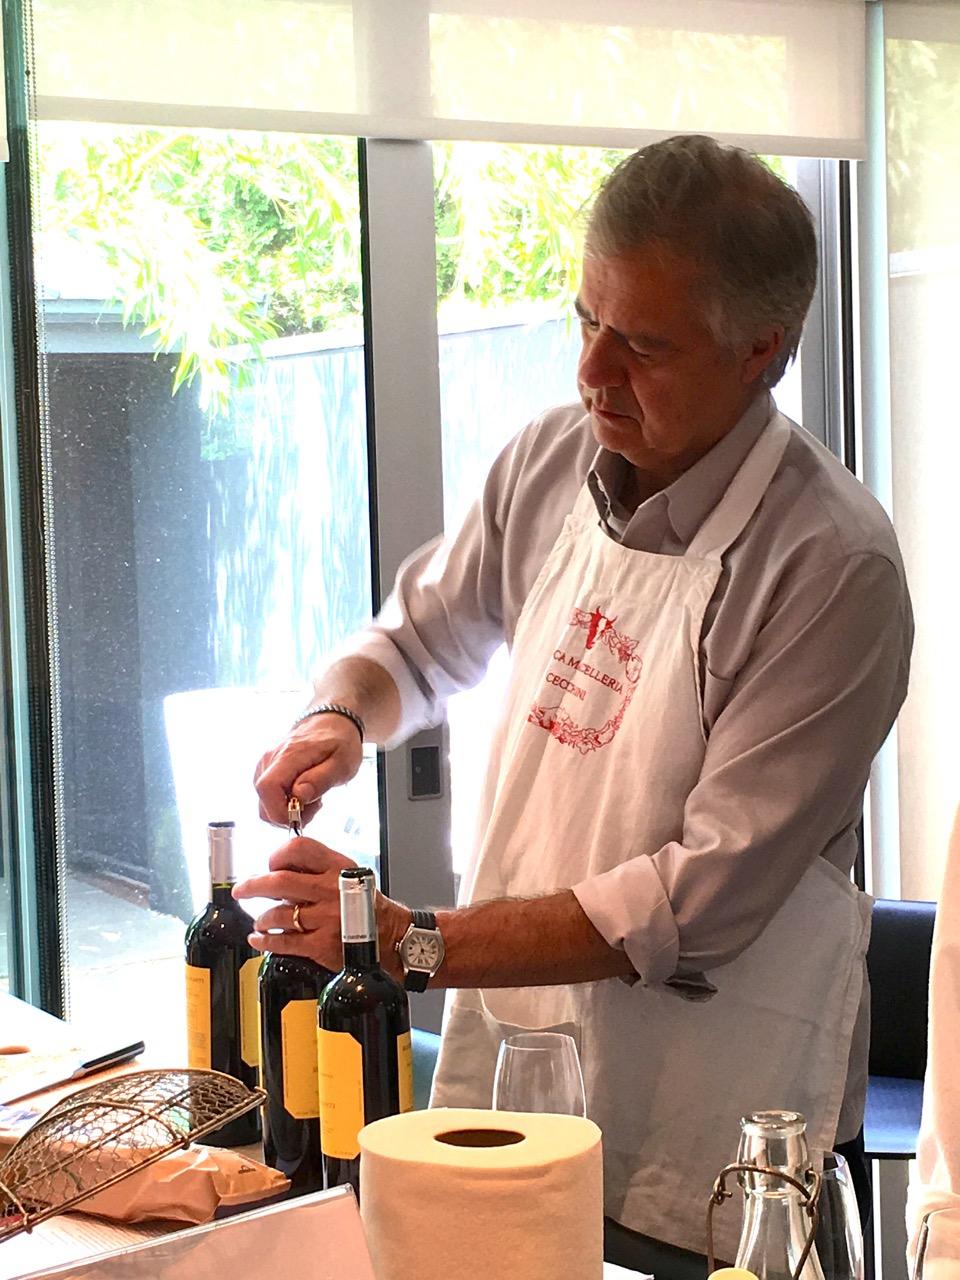 Clark con il vino (pranzo estivo workshop).jpg